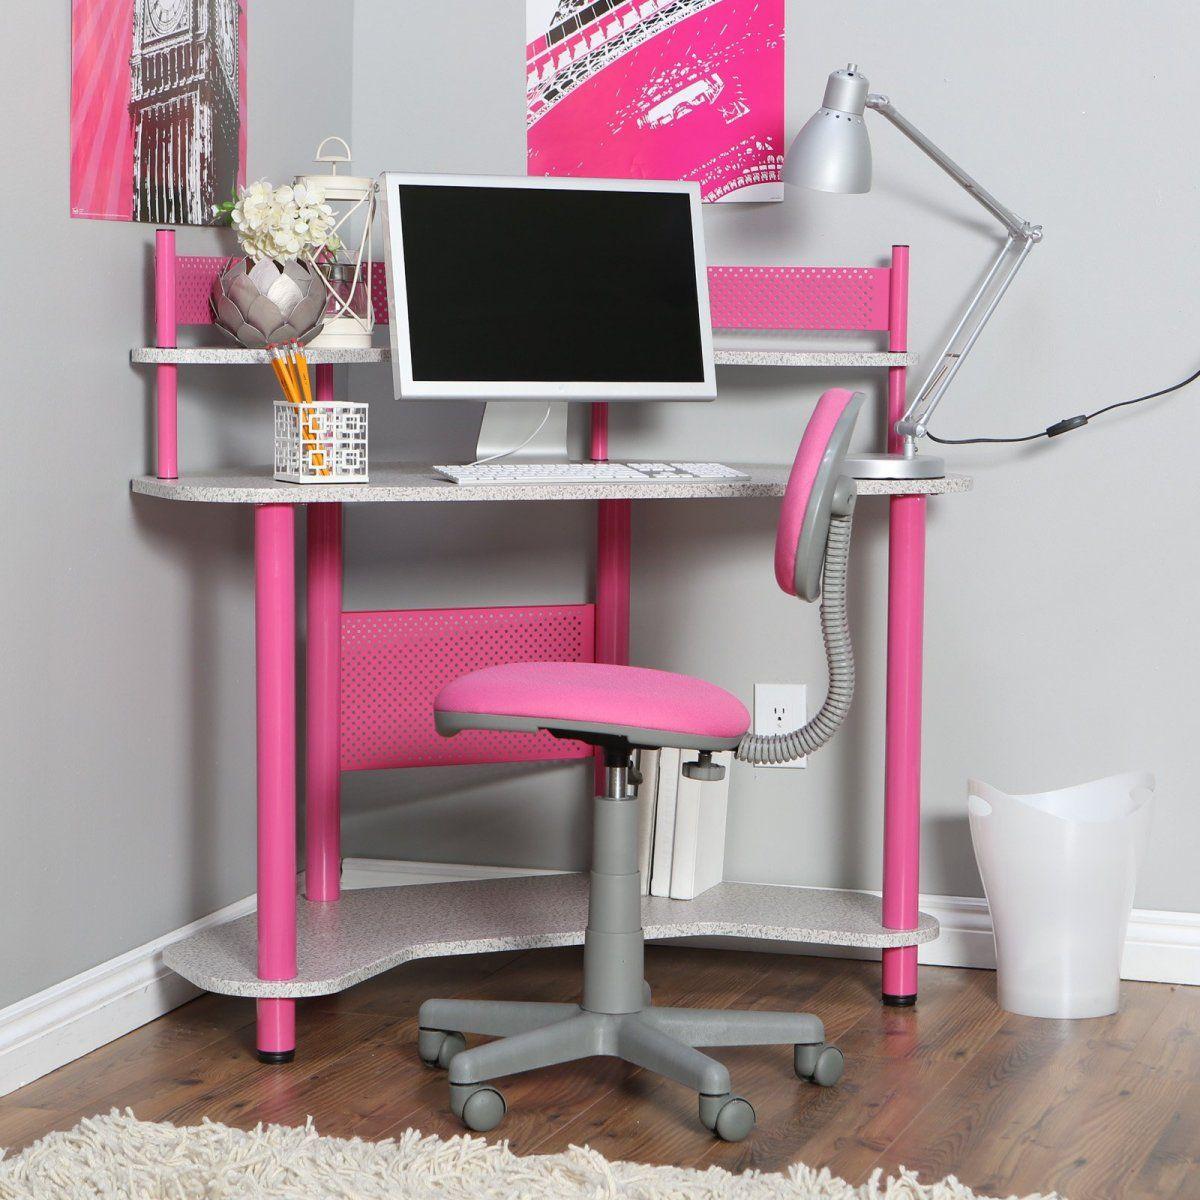 S Computer Corner Desks Furniture For Bedroom Design Ideas With Pink And Silver Desk